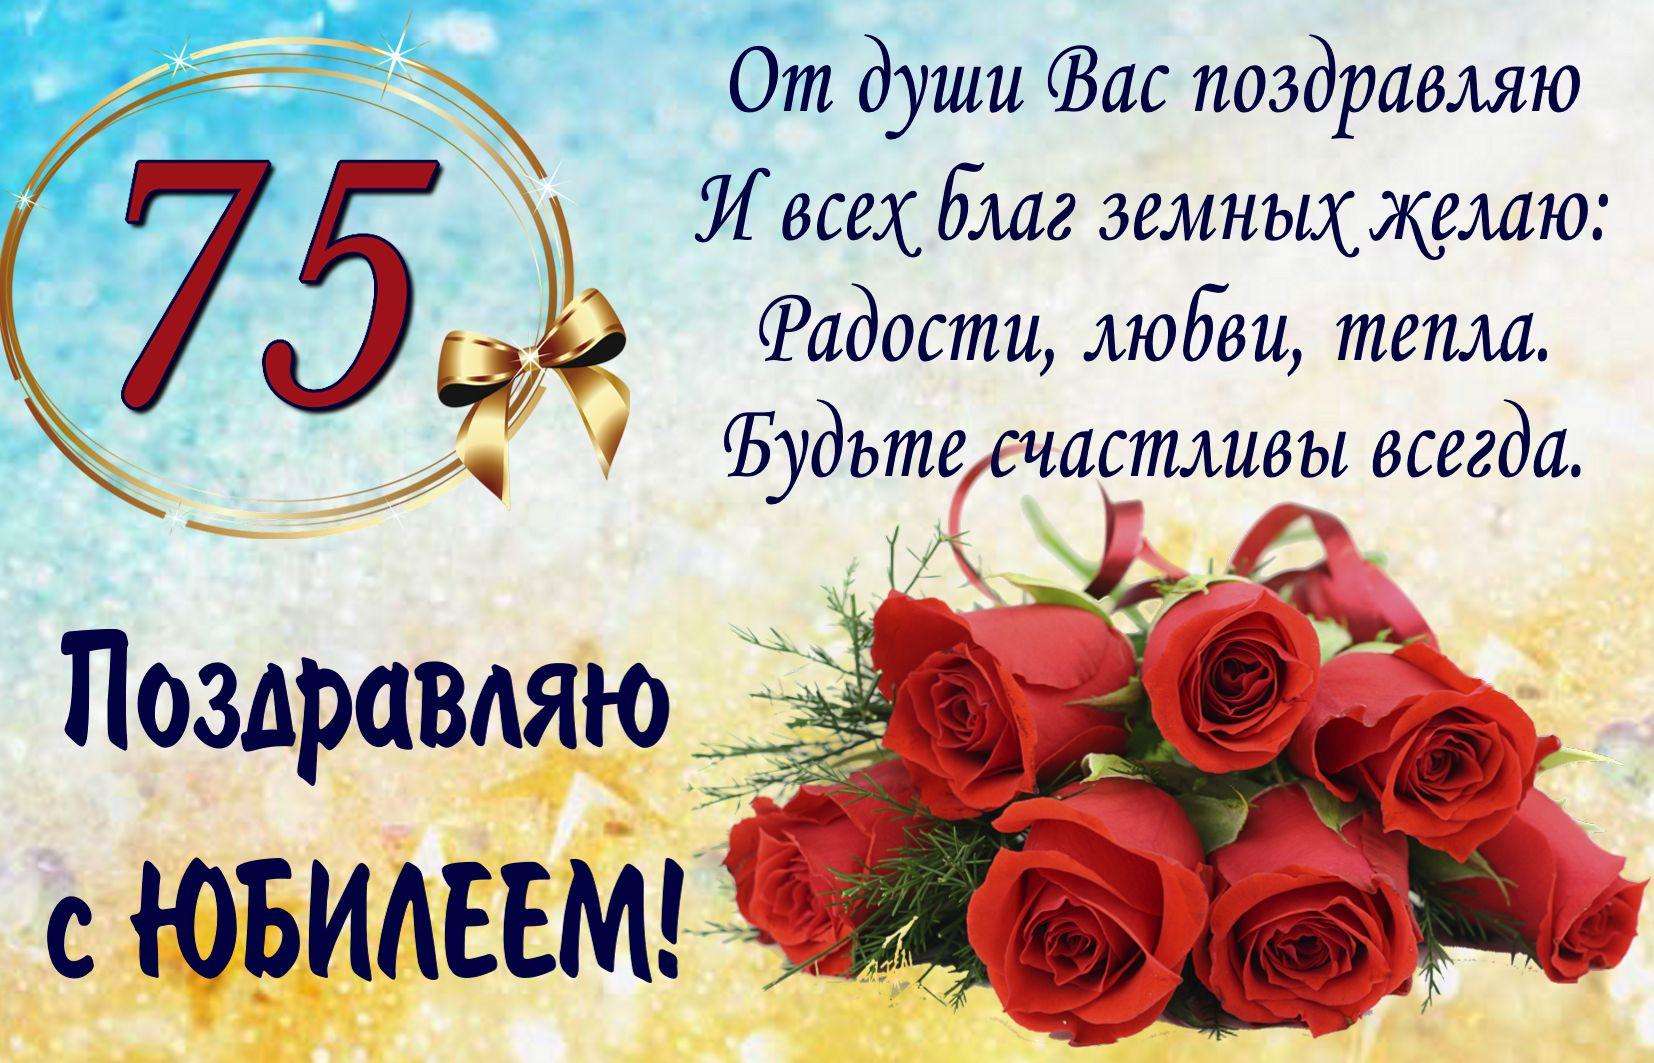 Открытка с поздравлением и розами на юбилей 75 лет